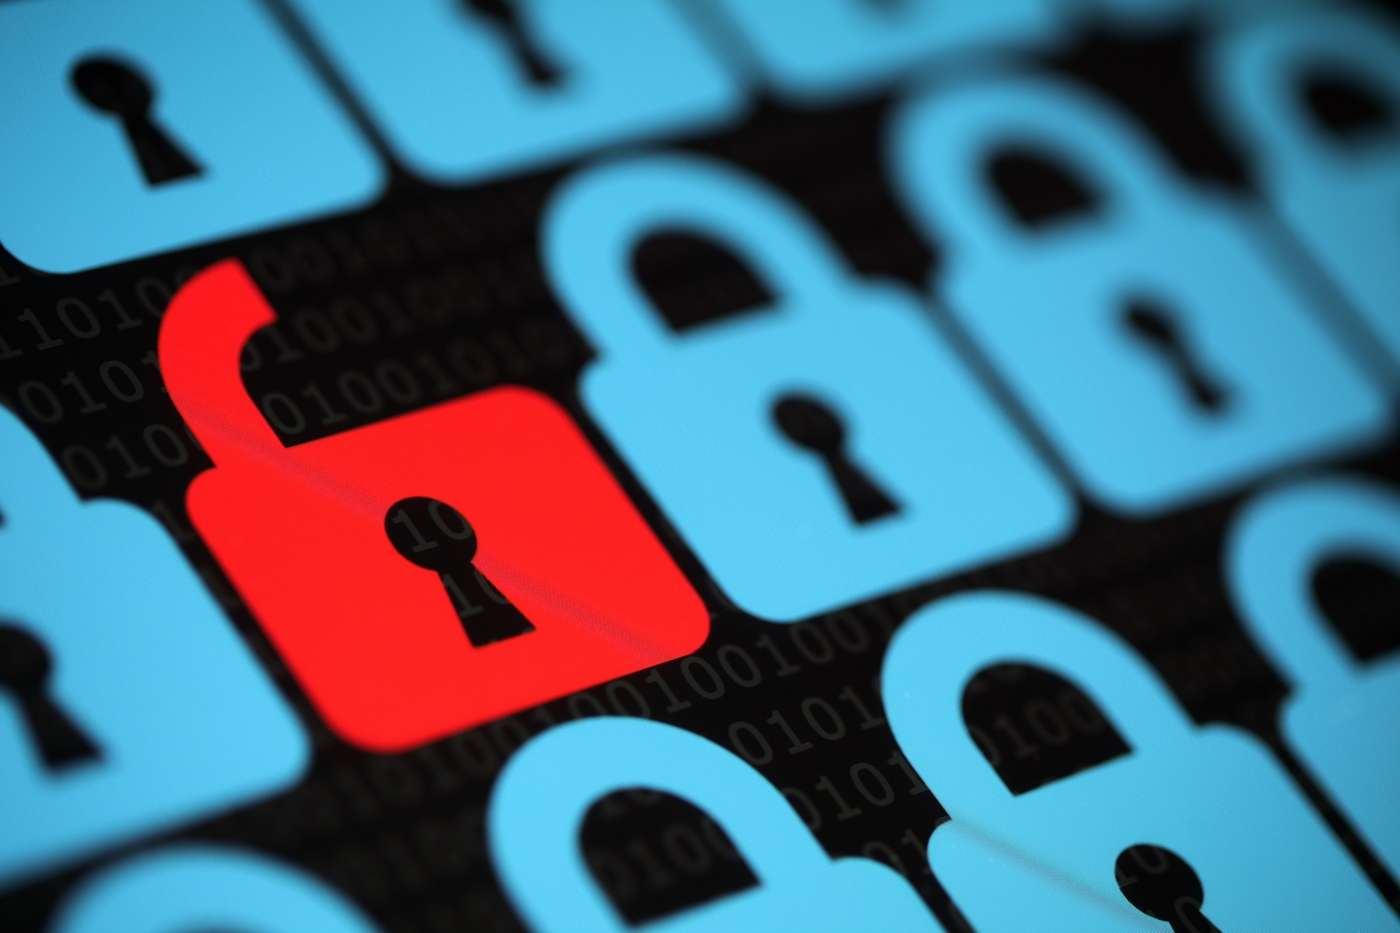 Google propose une fonction SafeSearch pour filtrer les résultats de son moteur de recherche en retirant les contenus explicites. © Brian A Jackson, Shutterstock